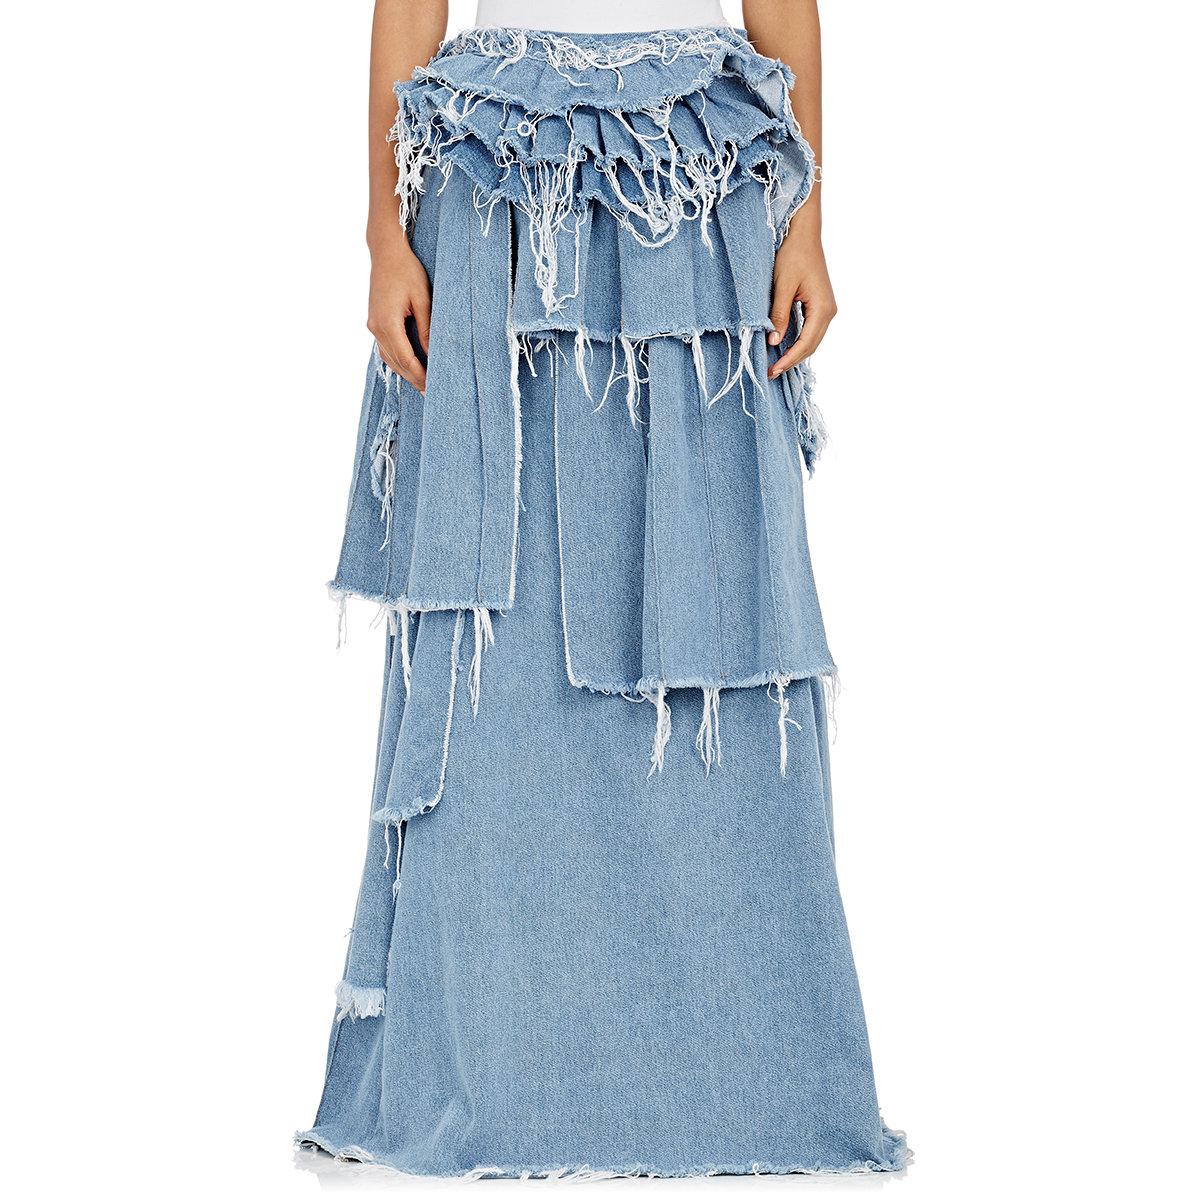 white c o virgil abloh denim tiered ruffle skirt in